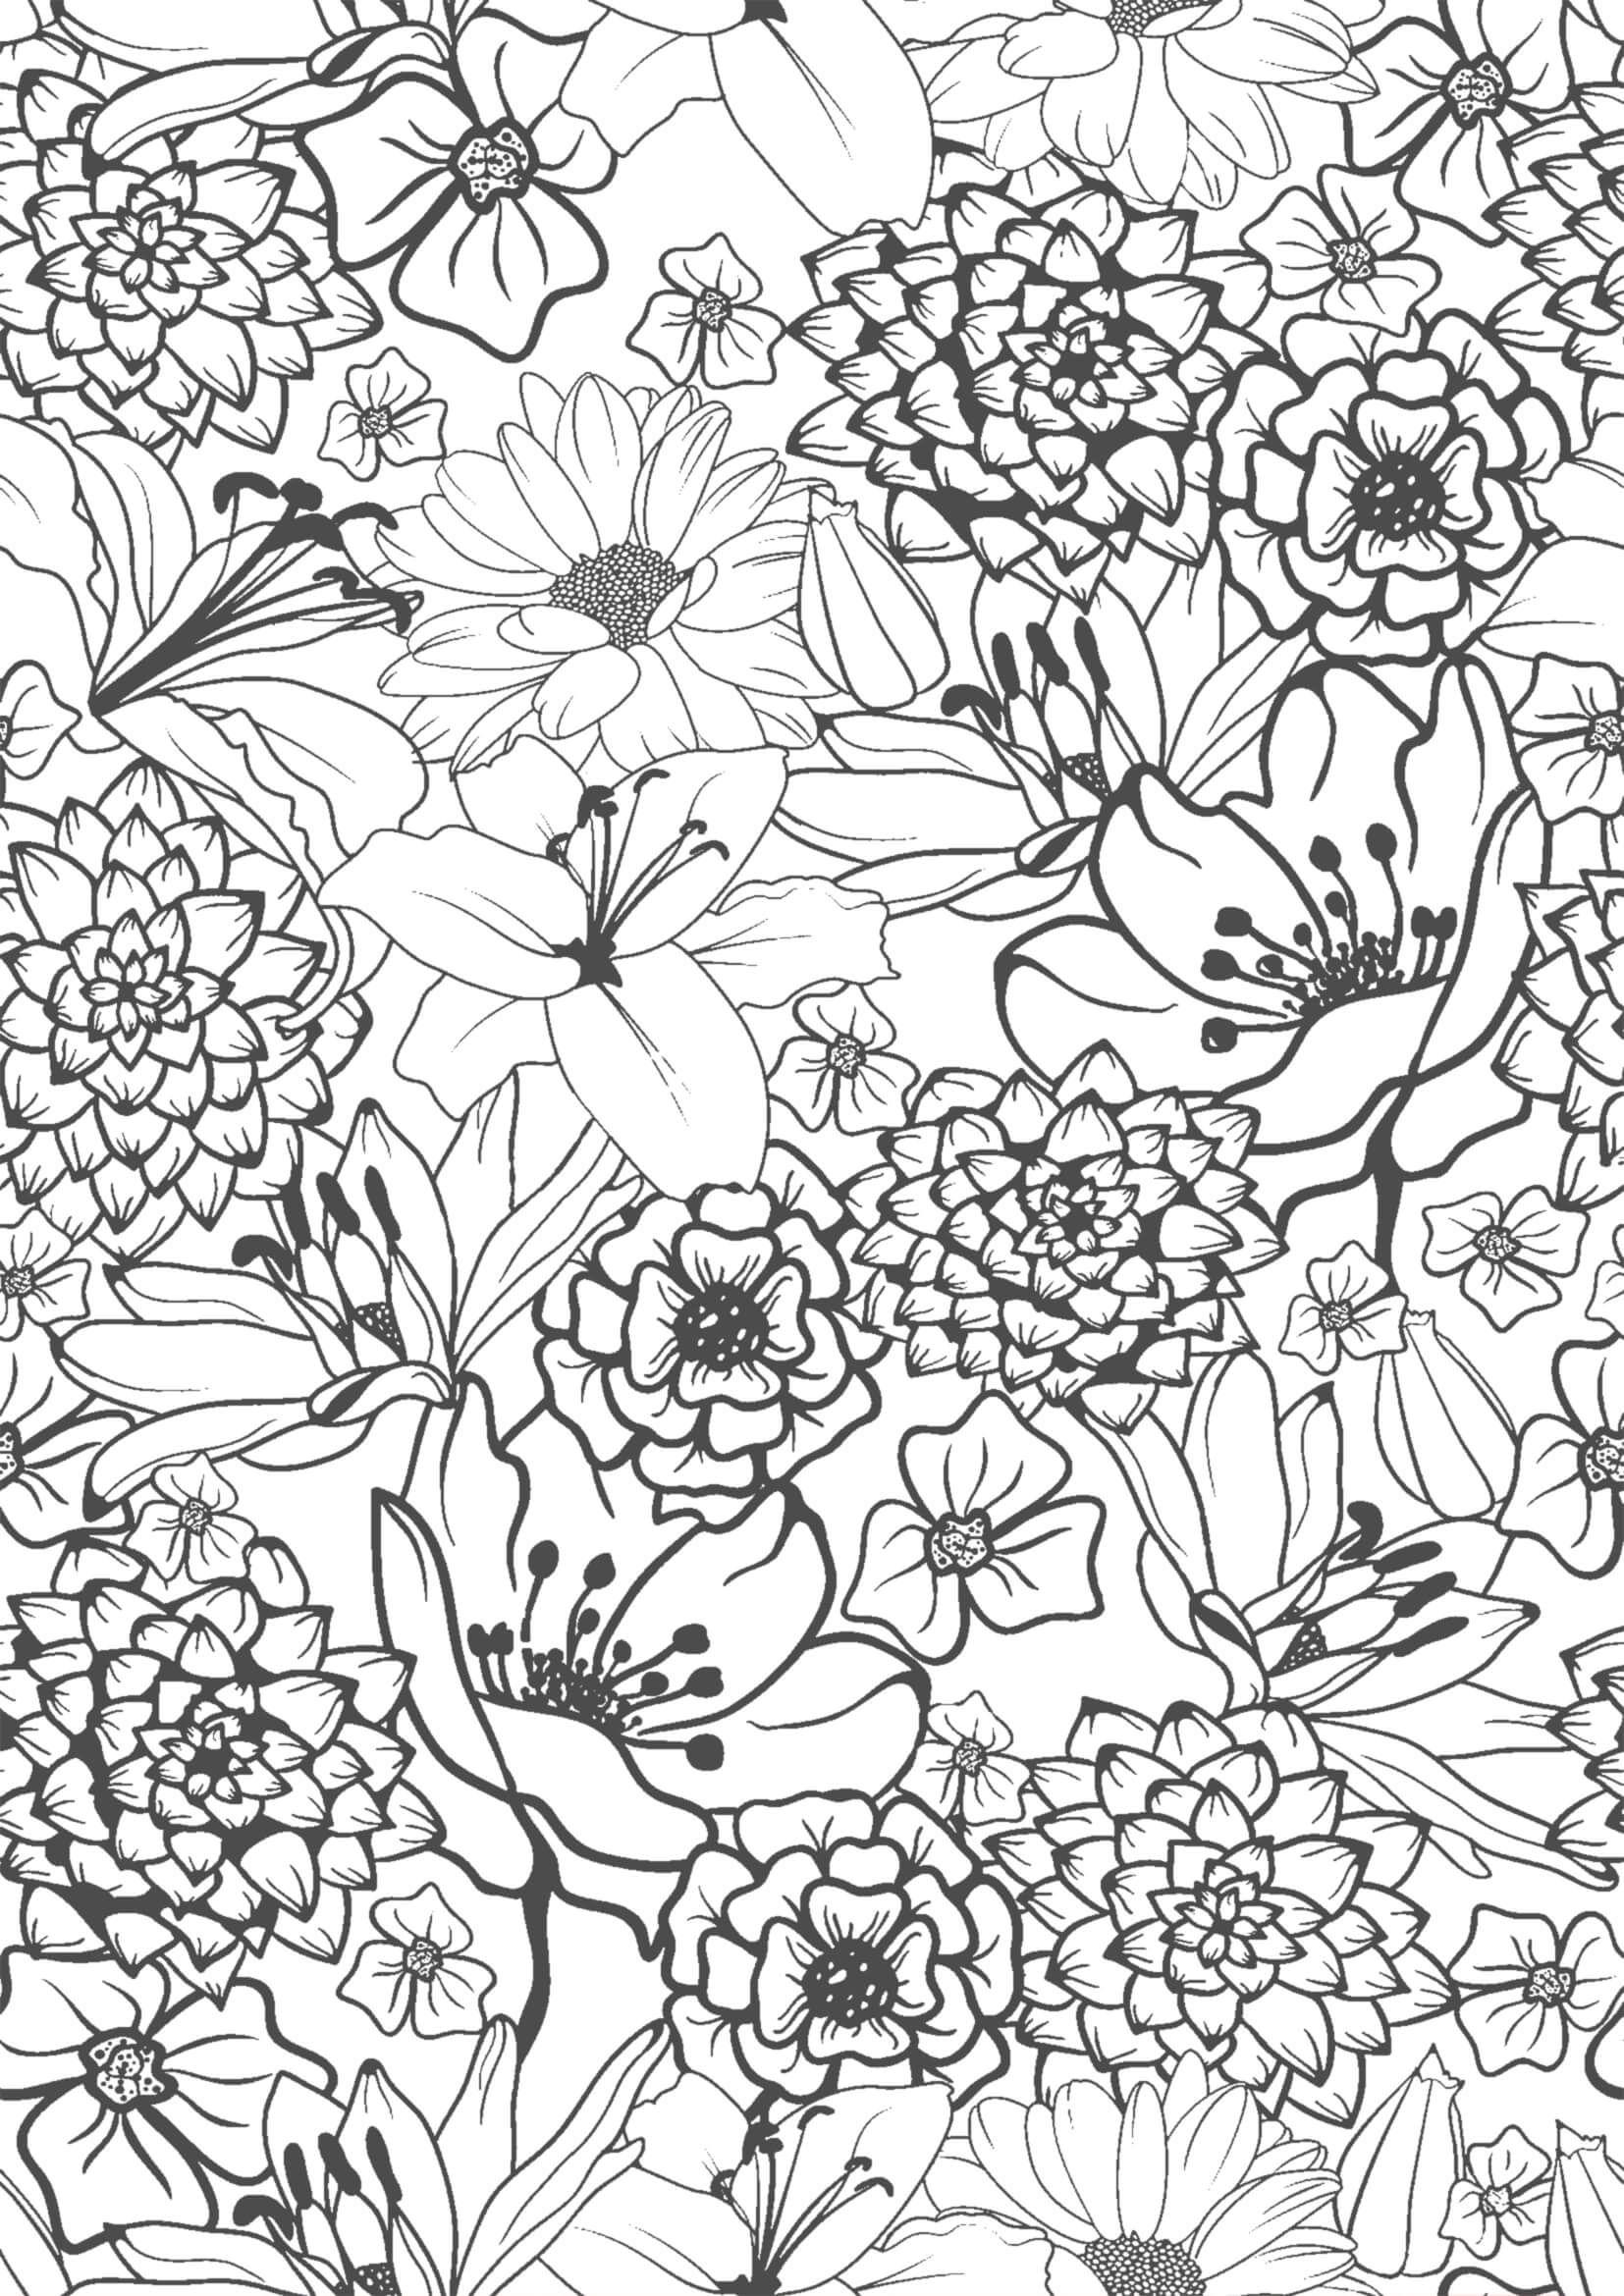 花06-a4無料印刷の大人のぬりえ | Оцветяване | 塗り絵, ぬりえ, 塗り絵 無料